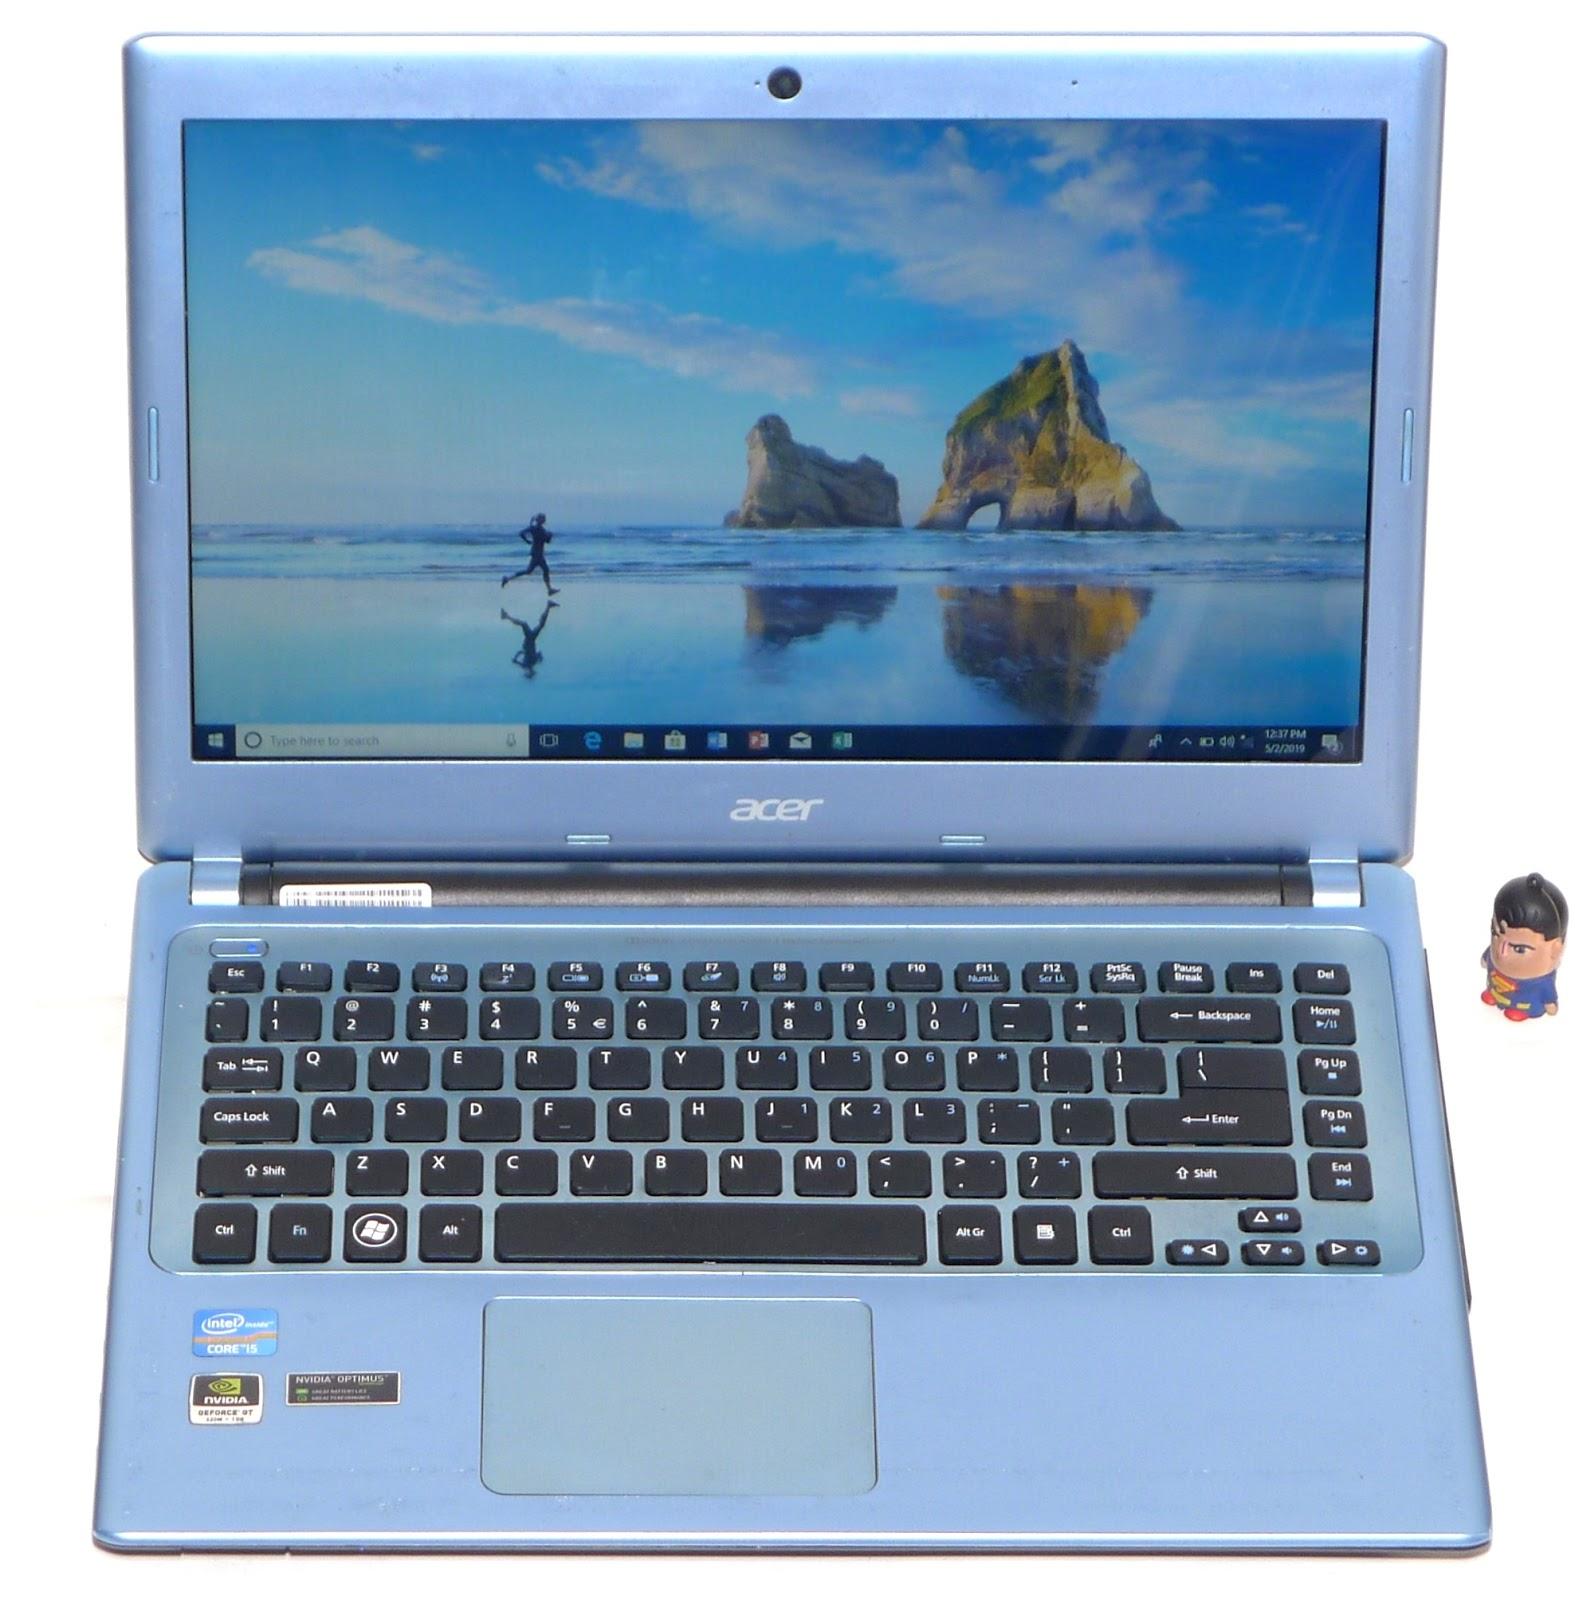 Jual Laptop Gaming Acer V5 471g Core I5 Double Vga Jual Beli Laptop Bekas Kamera Service Sparepart Di Malang